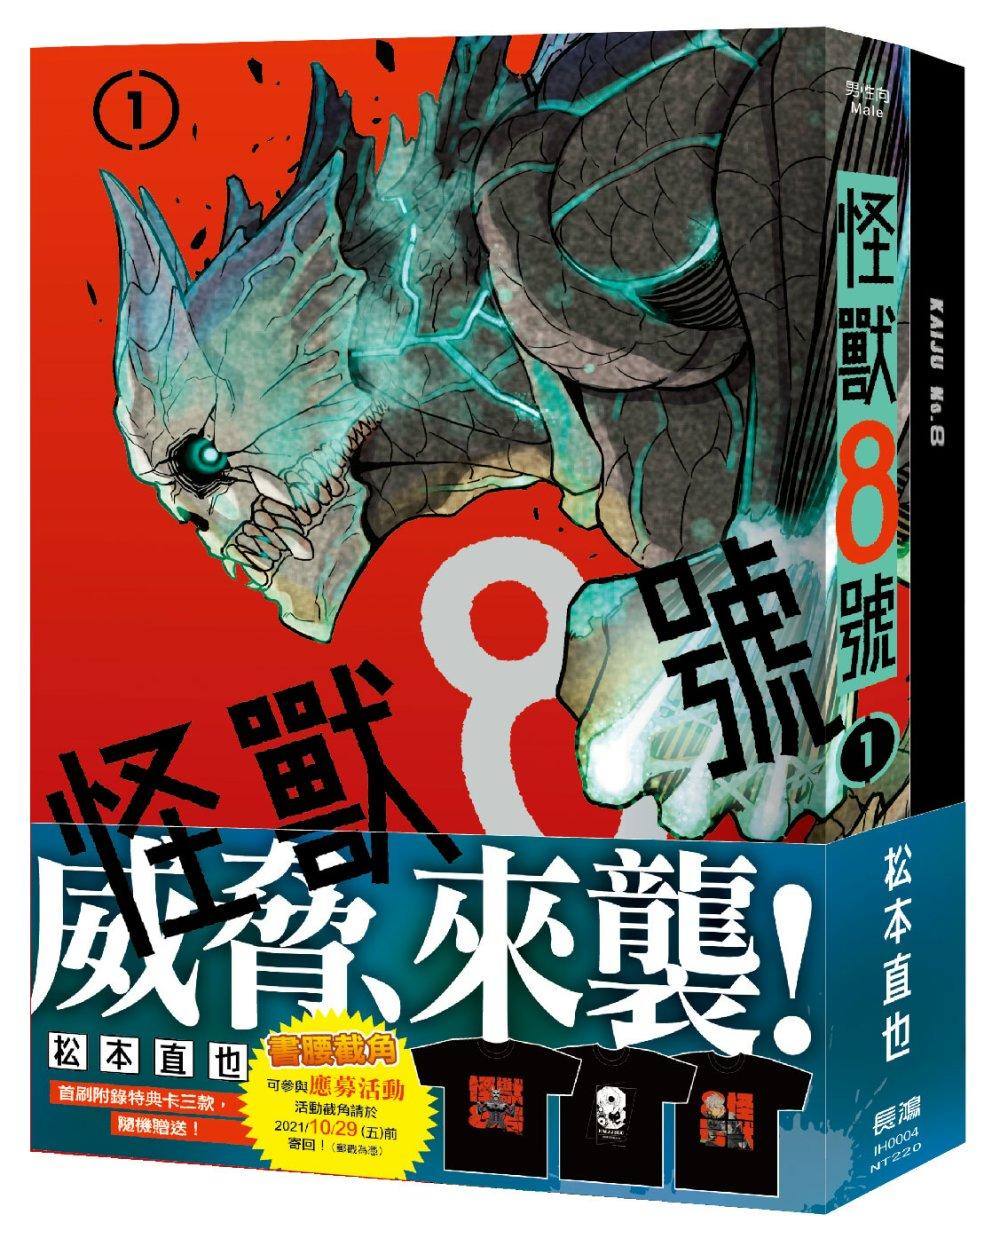 怪獸8號(1) 紀念限定版